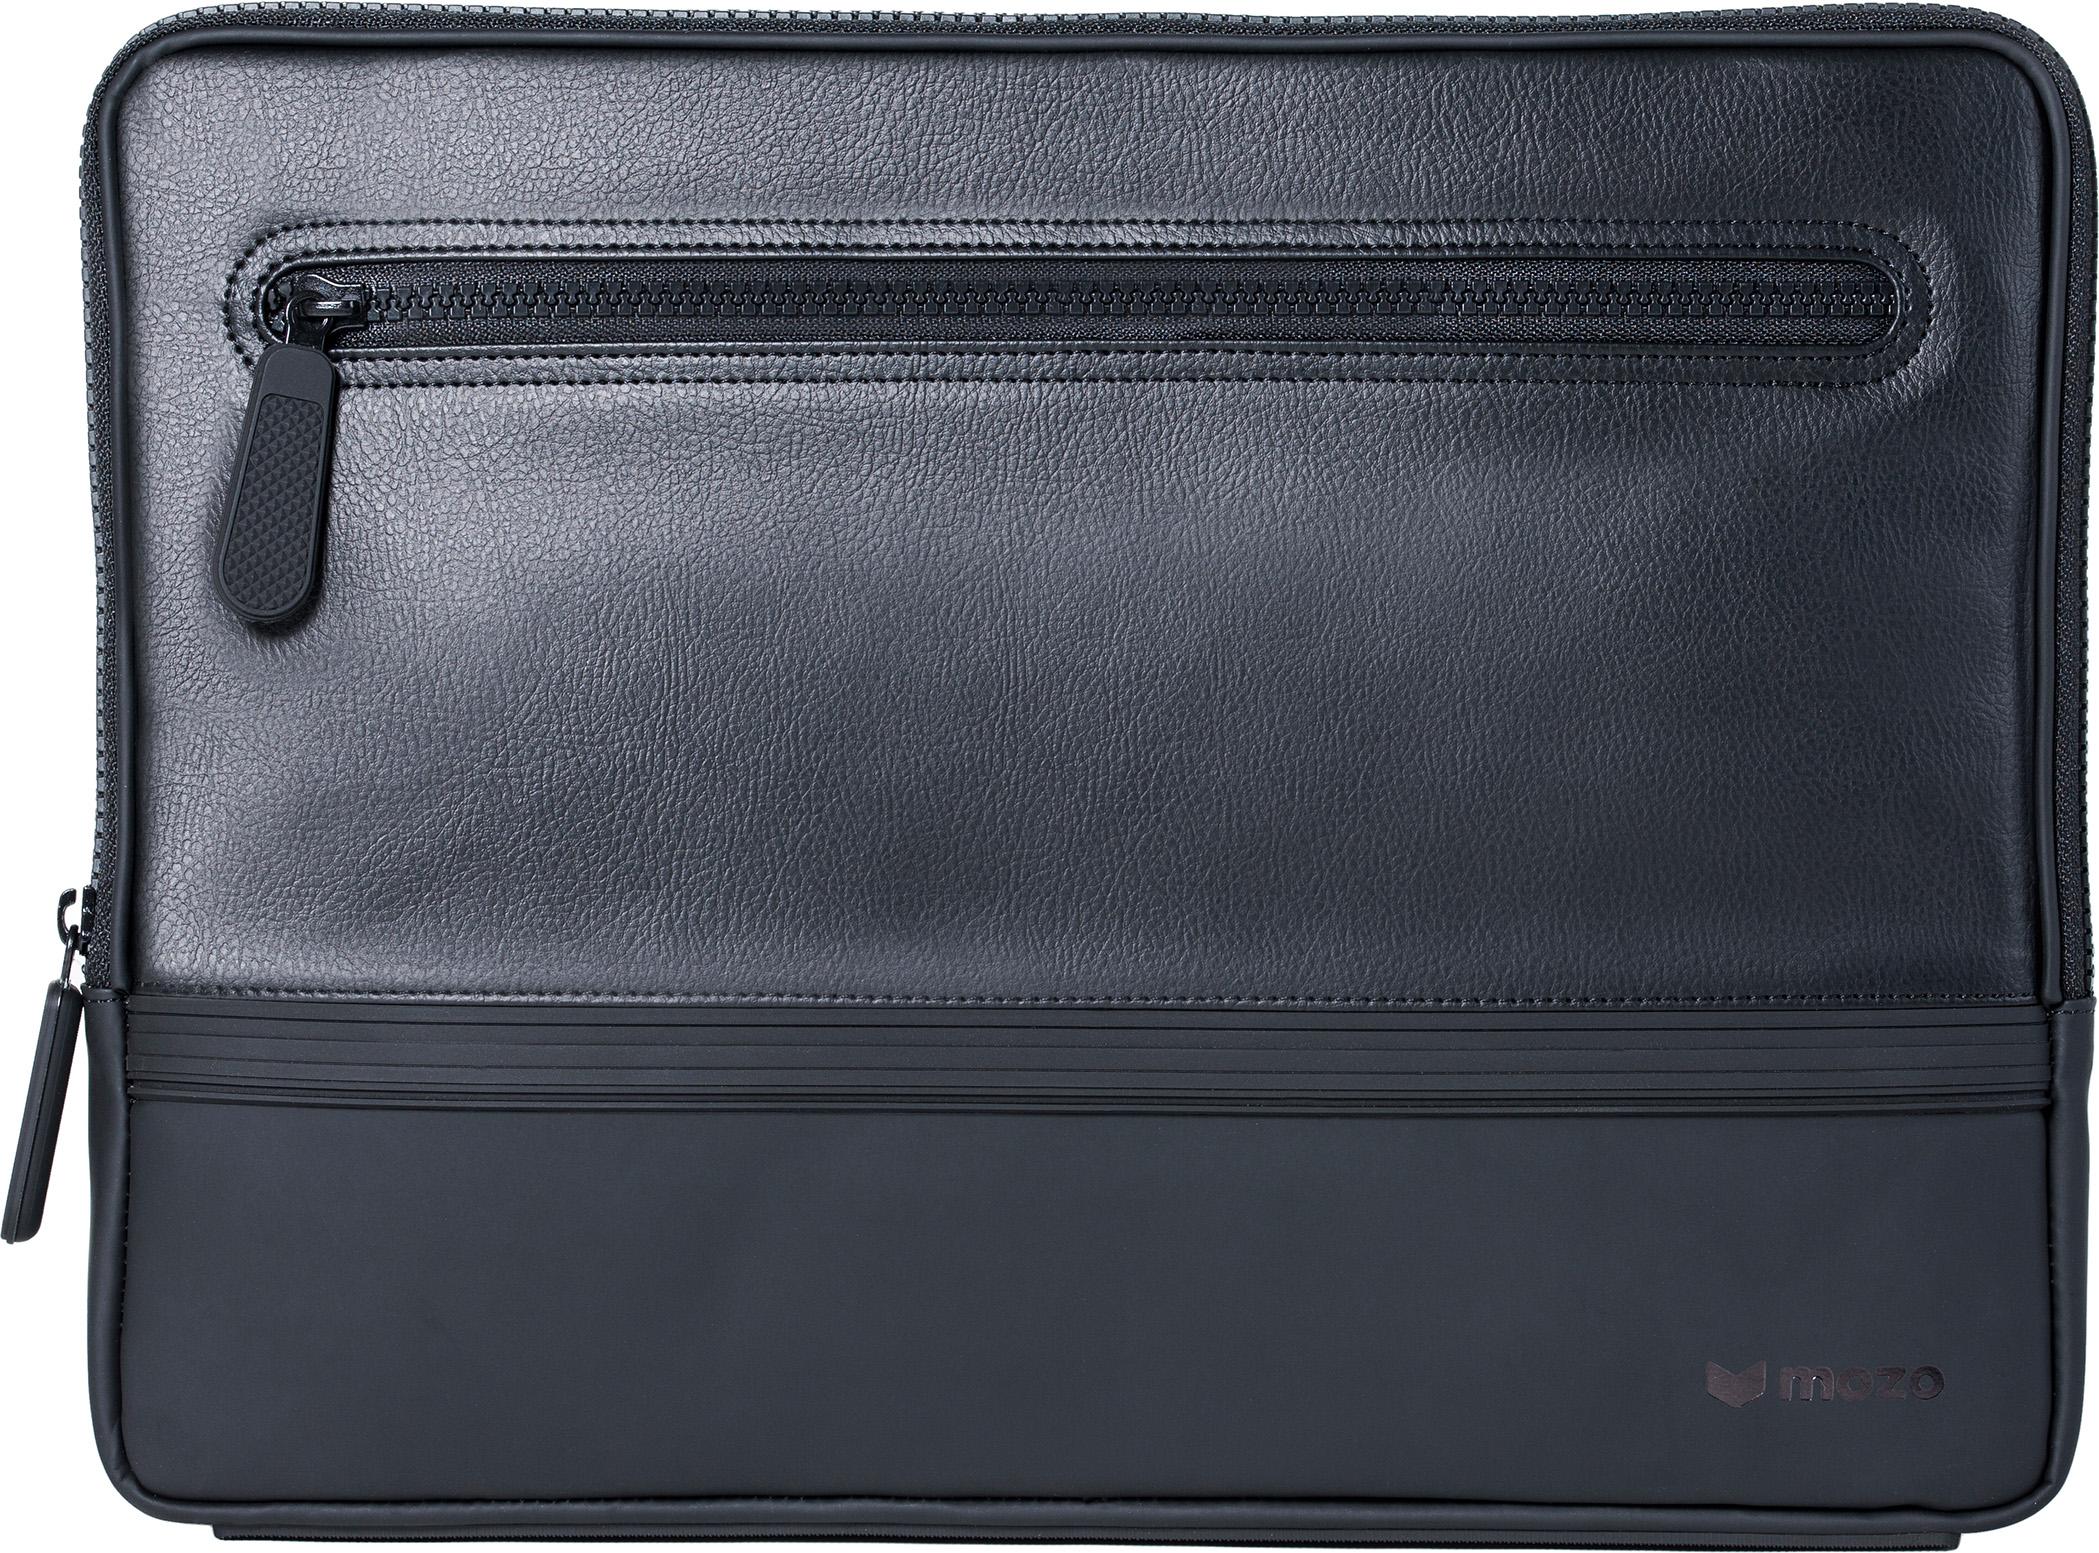 Étui MozoSneaker pour Surface (noir)